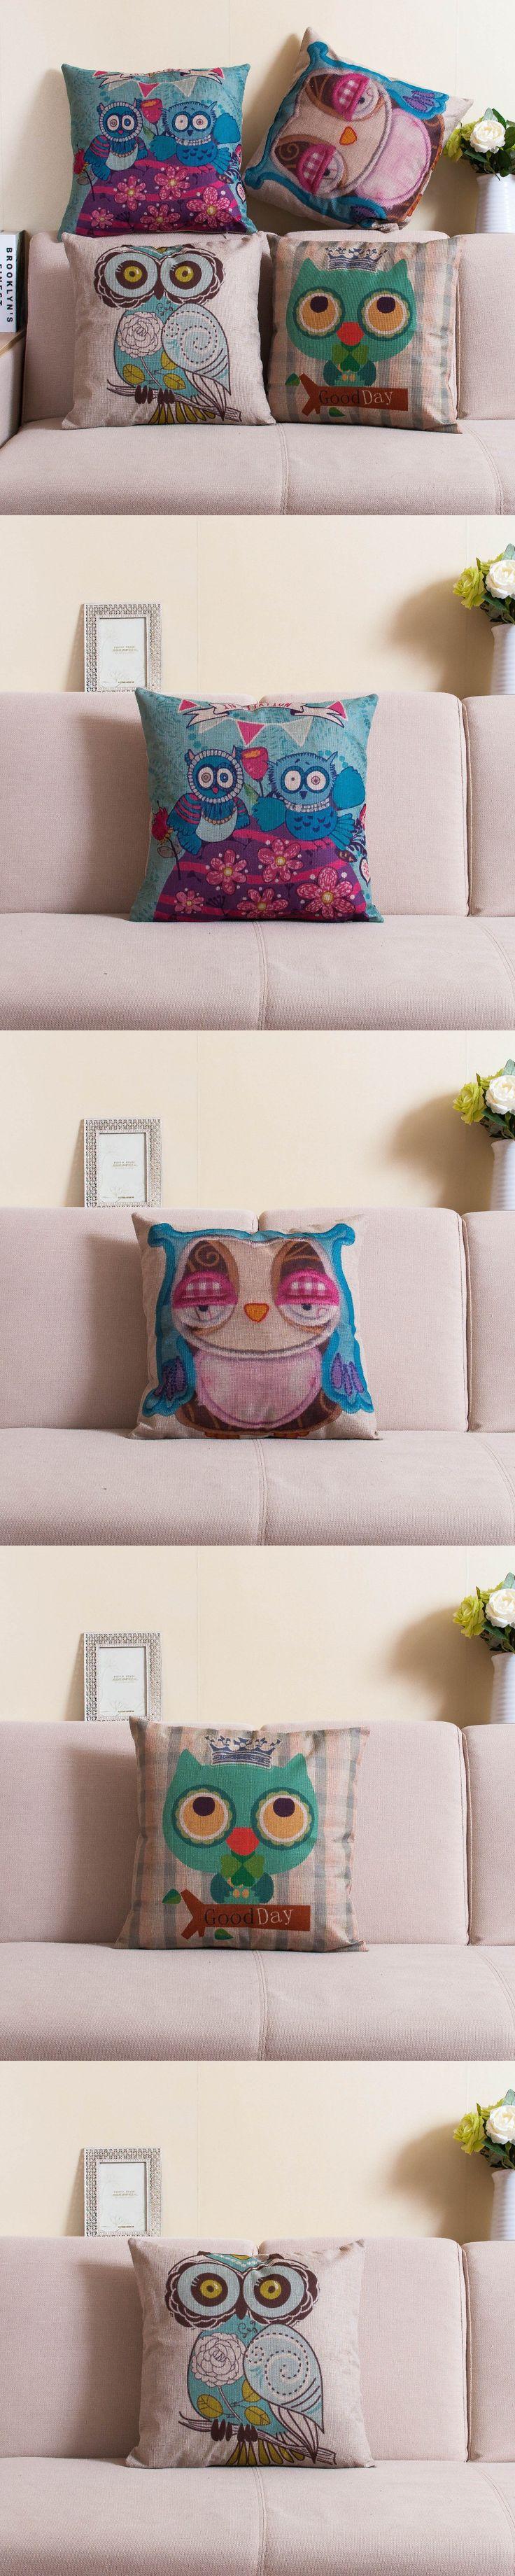 Best 25 Luxury cushions ideas on Pinterest